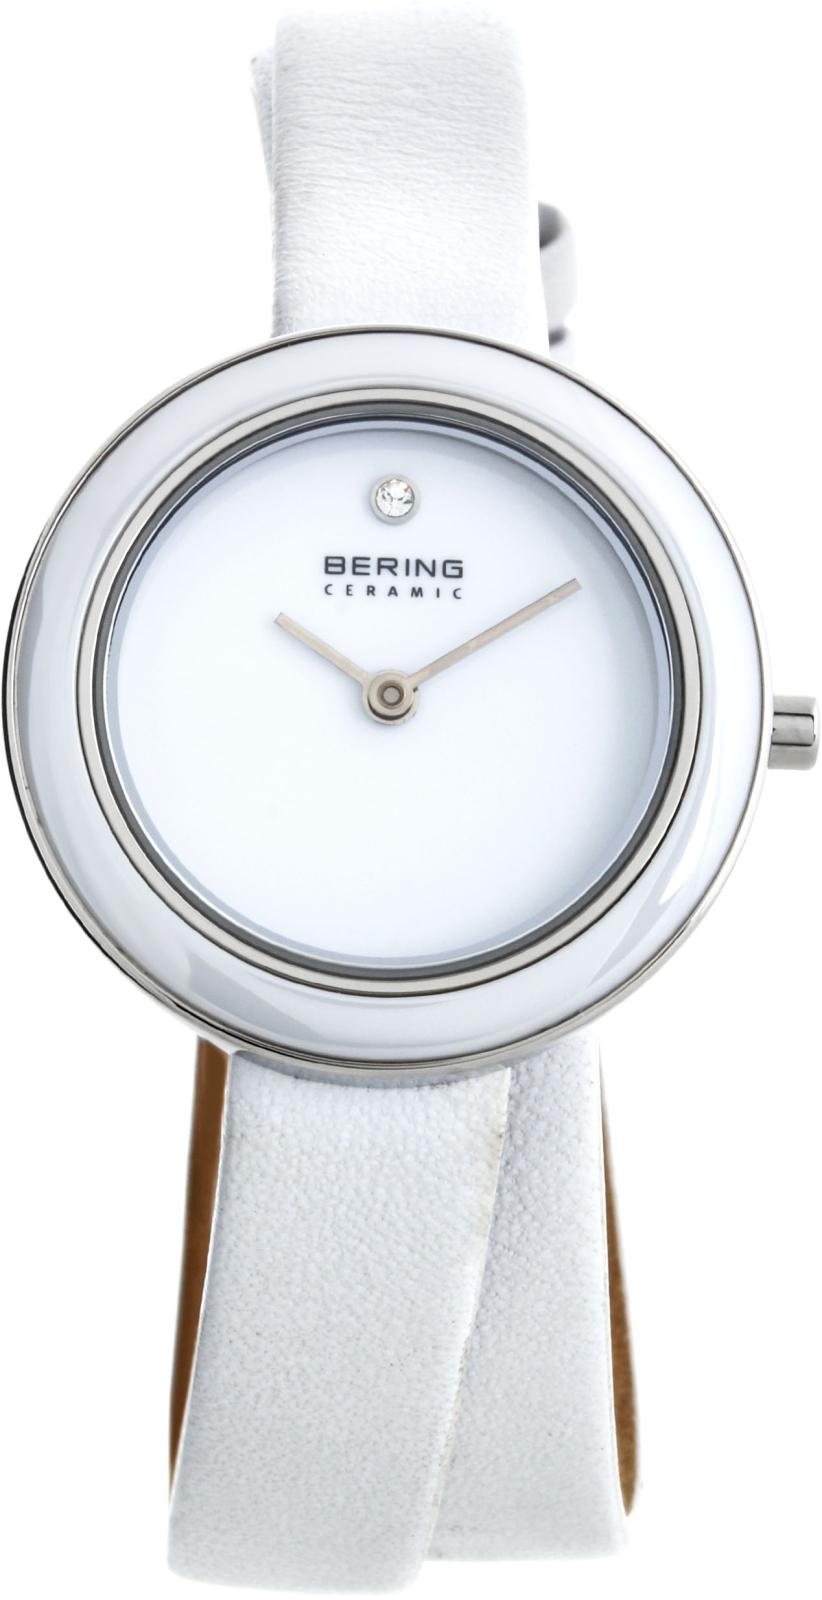 Bering Ceramic 33128-854 от Bering